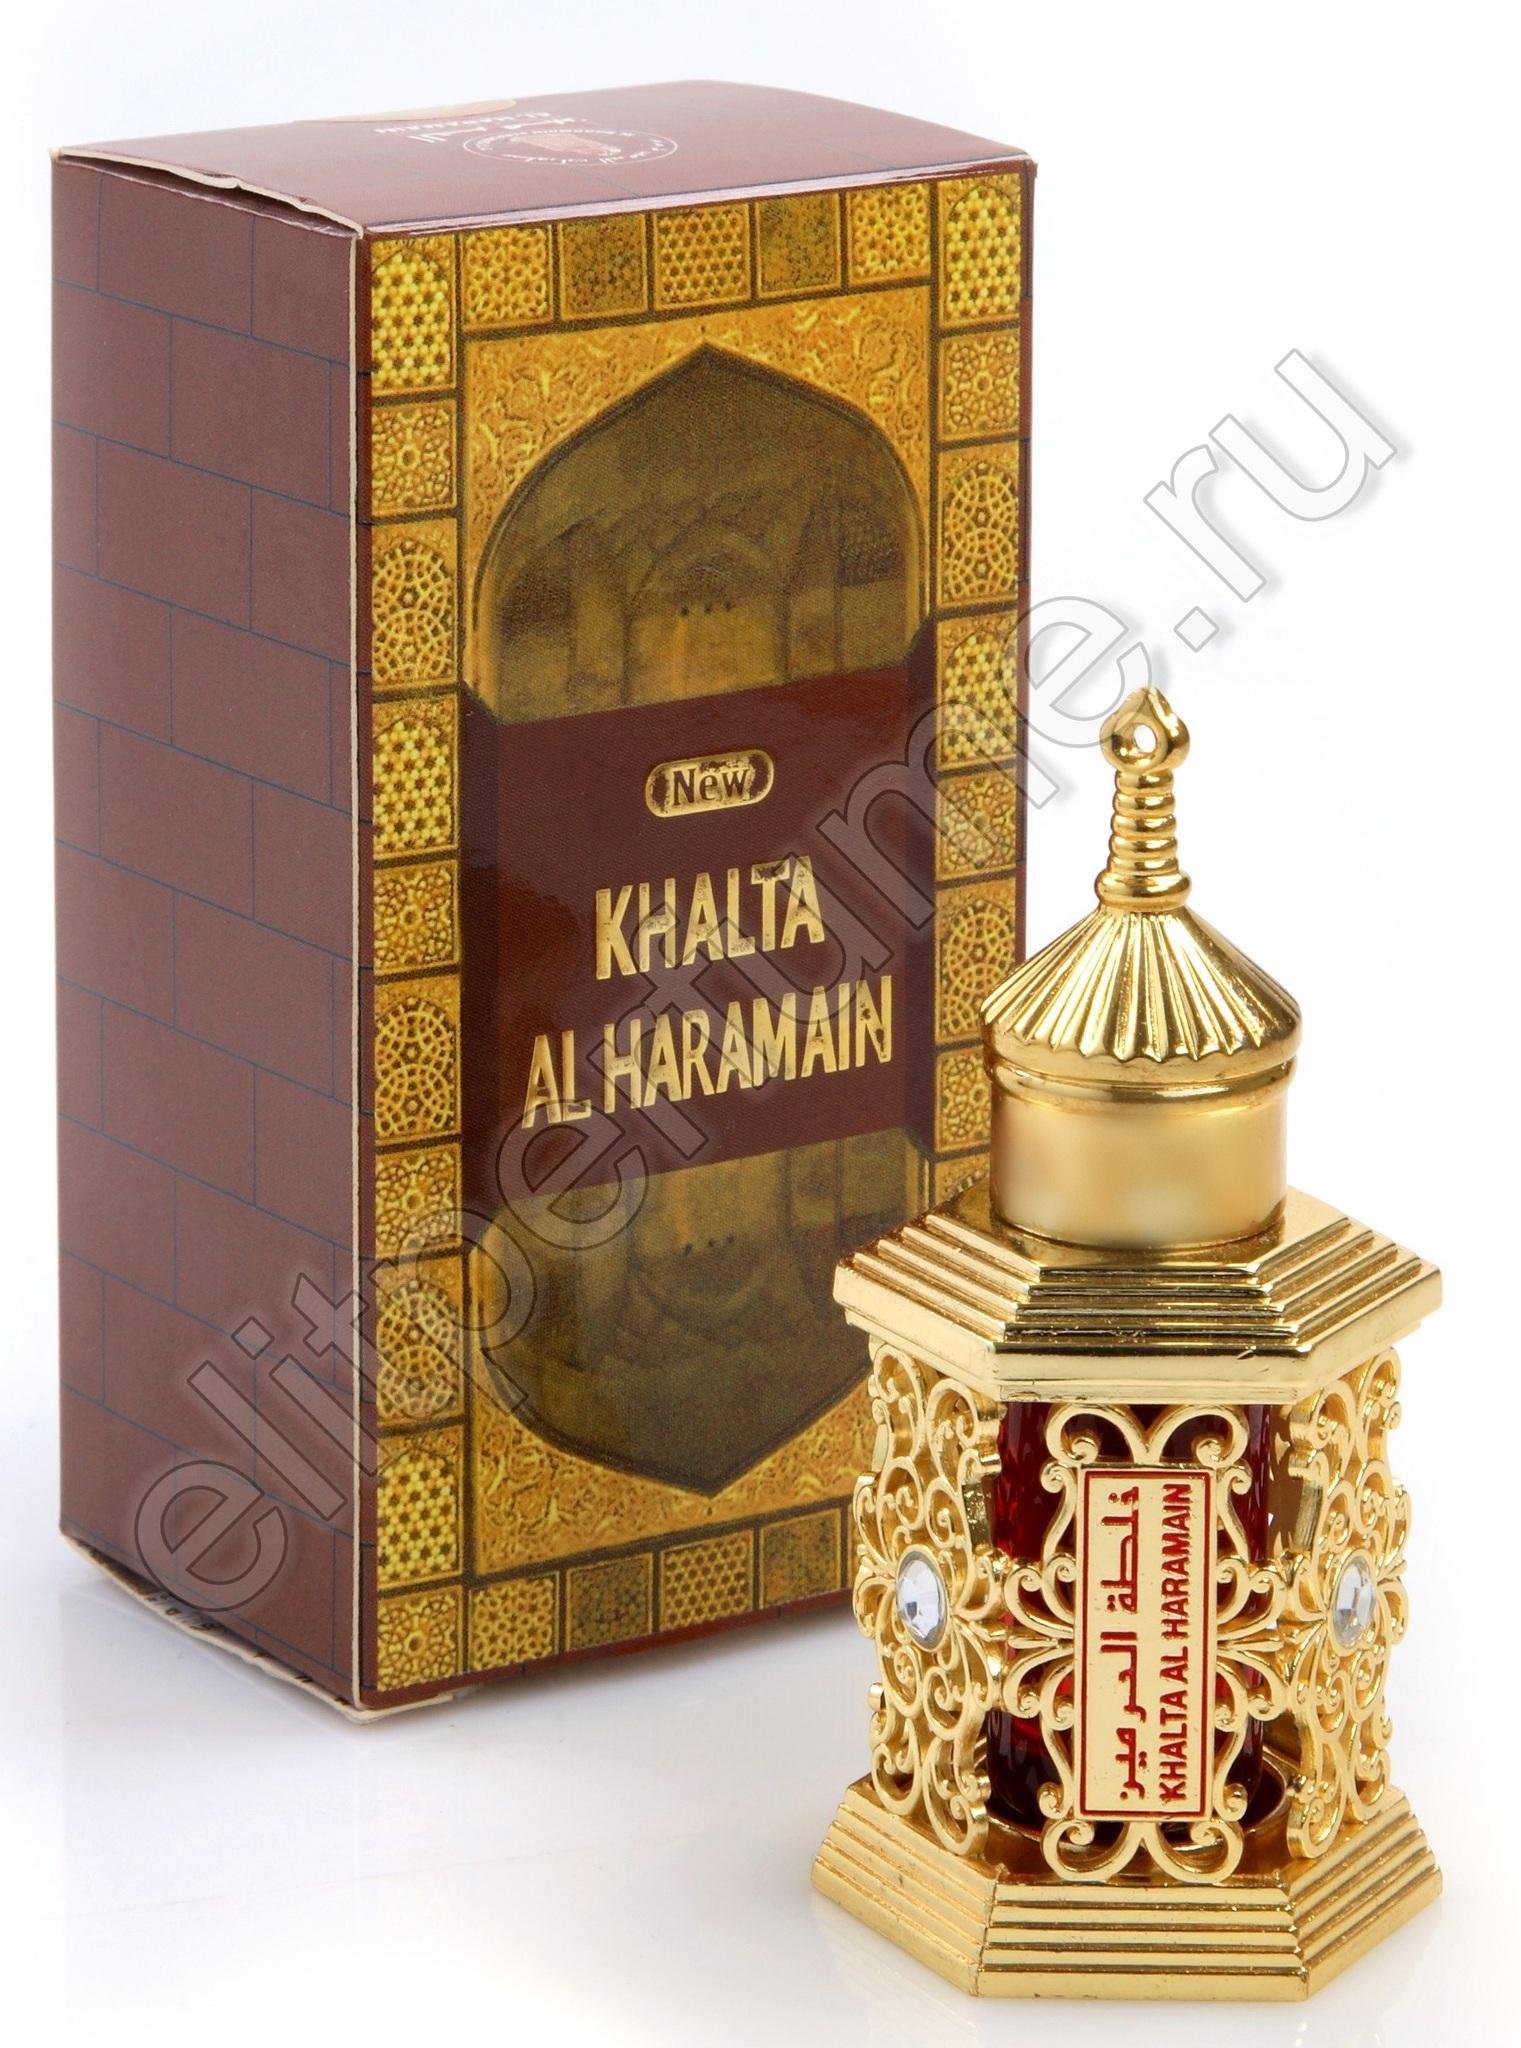 Пробники для духов Khalta Al Haramain / Хальта Аль-Харамайн 1 мл арабские масляные духи от Аль Харамайн Al Haramin Perfumes